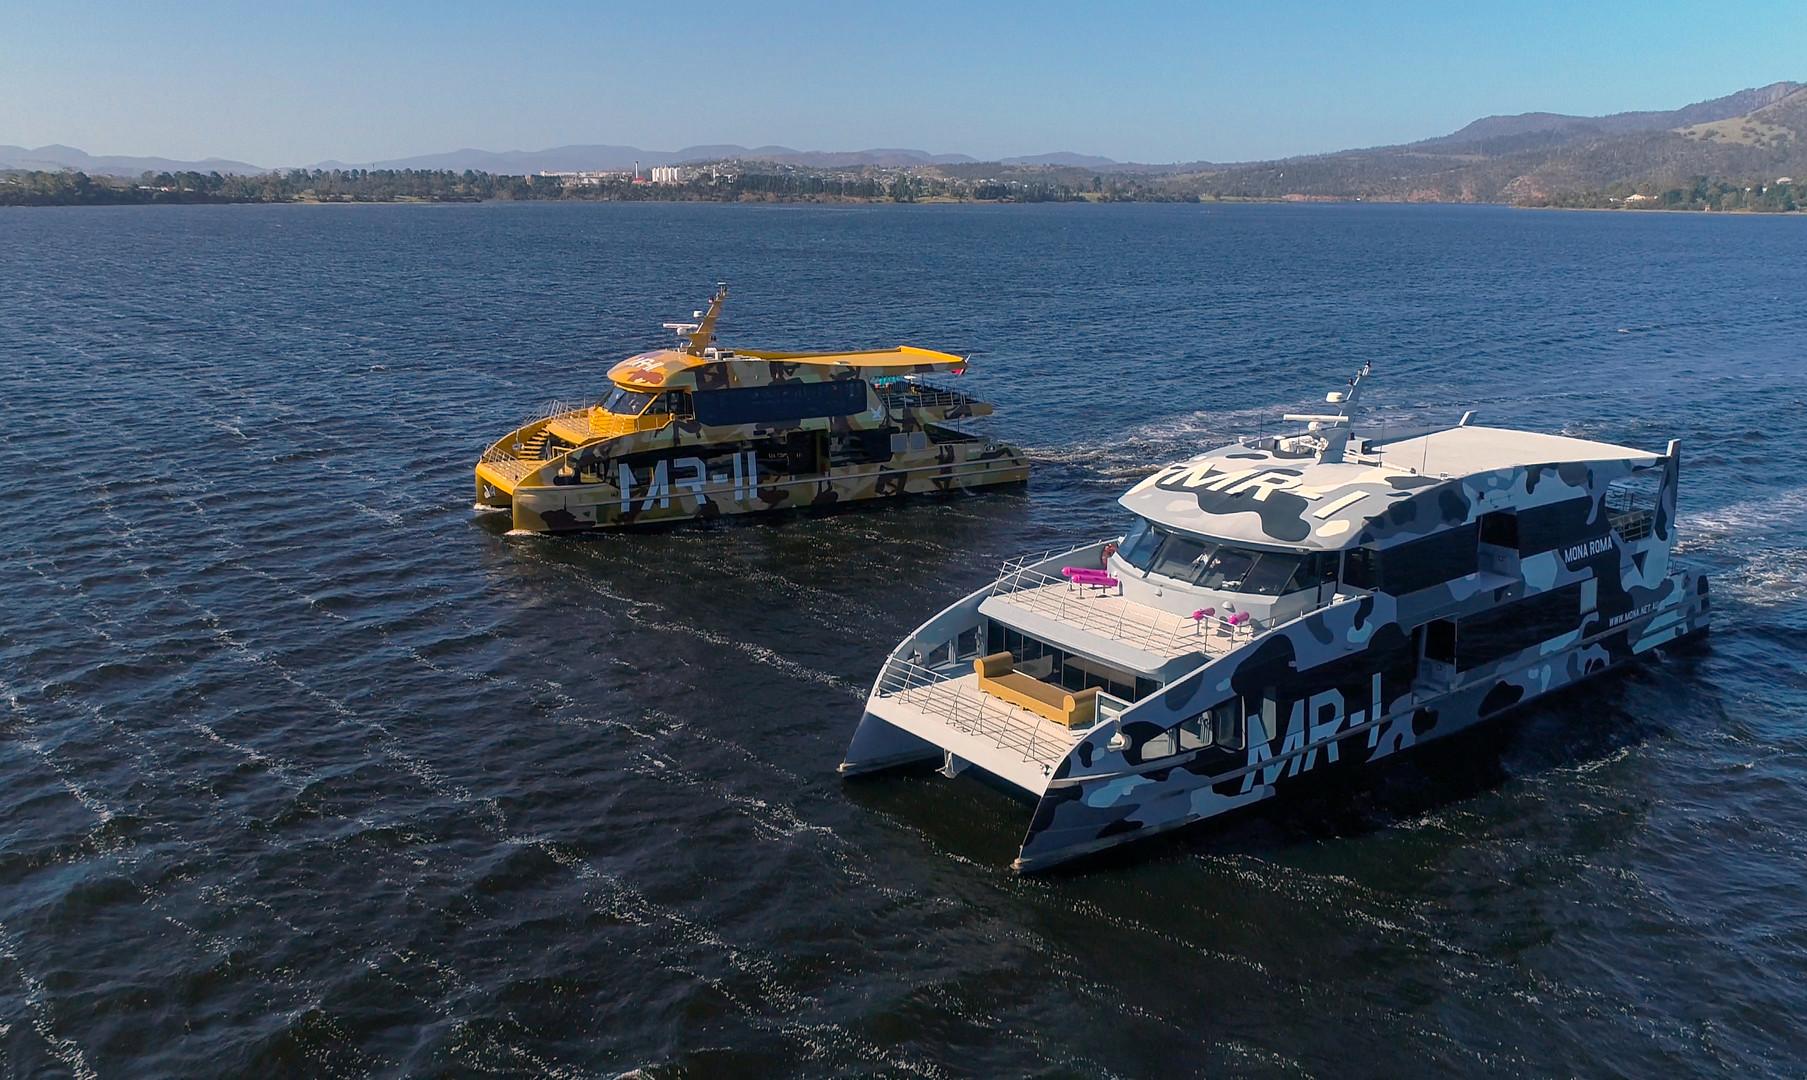 MONA Ferries